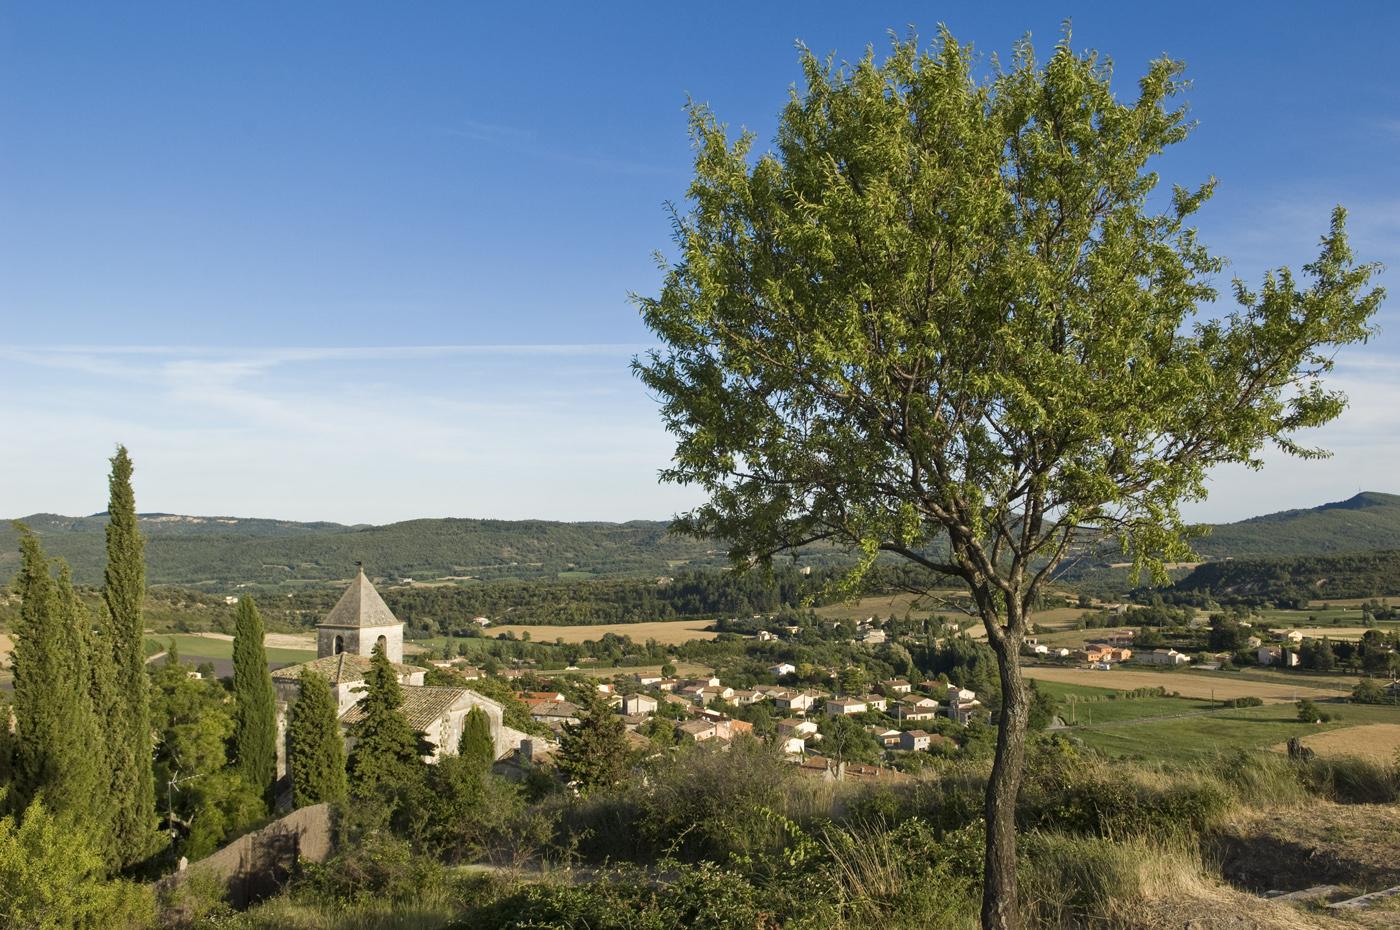 Saint Michel l'Observatoire dans le Parc naturel régional du Luberon ©AD04/Michel Boutin